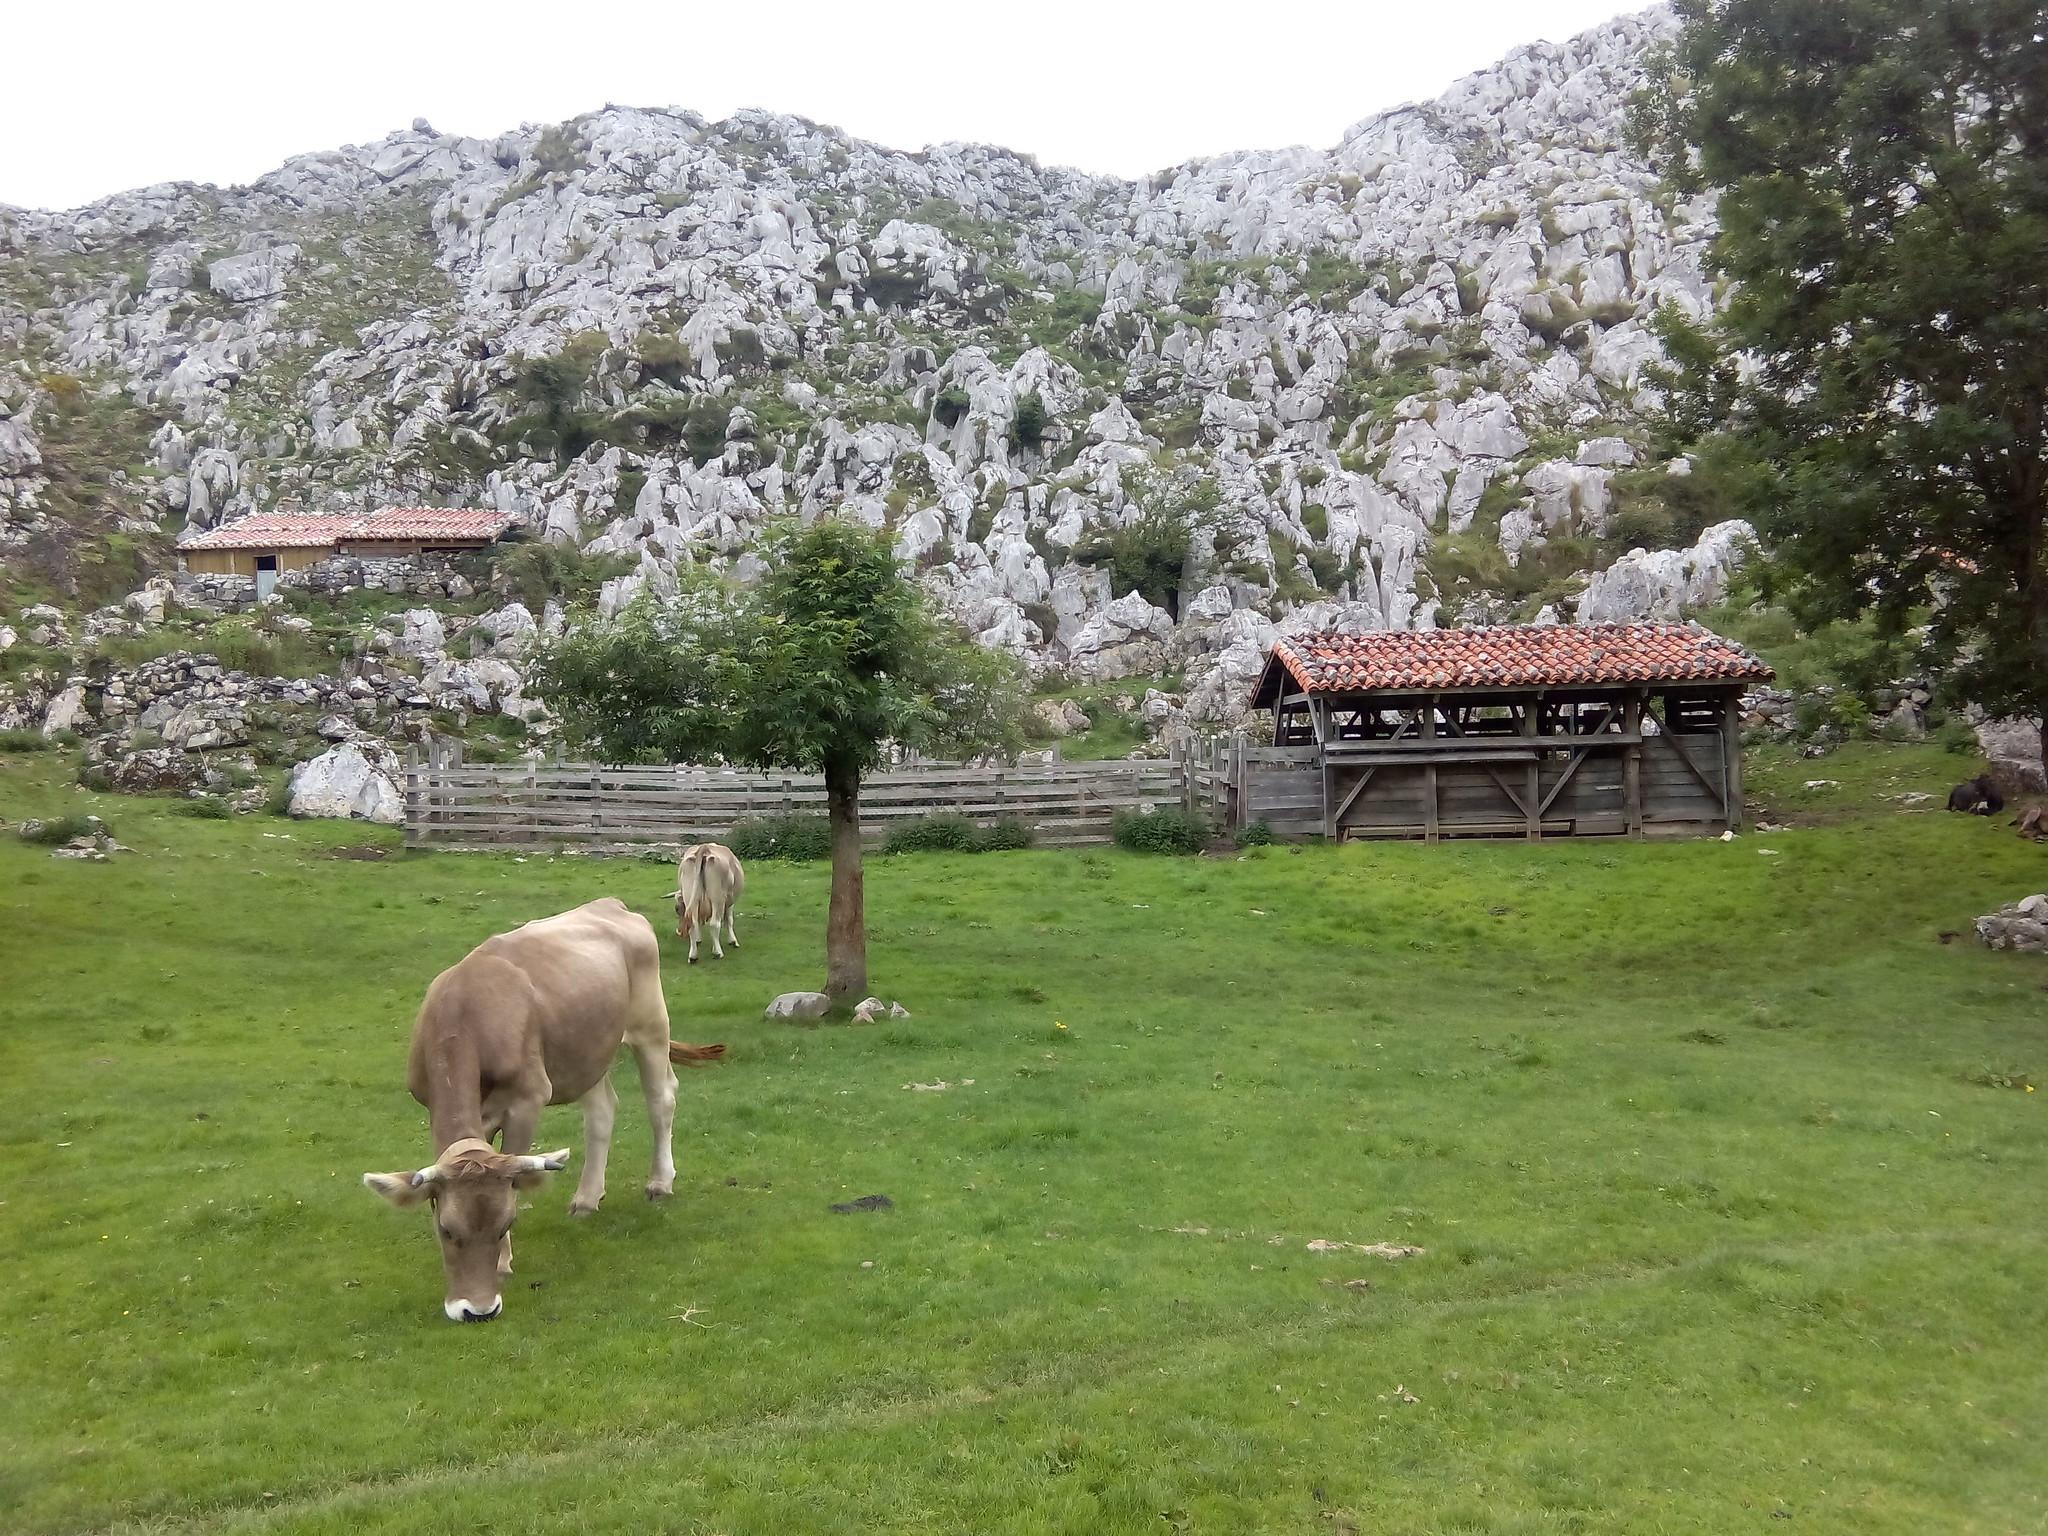 Paisaje Ganadero en Picos de Europa, vega de pastos con cabañas ganaderas detrás y vacas de razas autóctonas